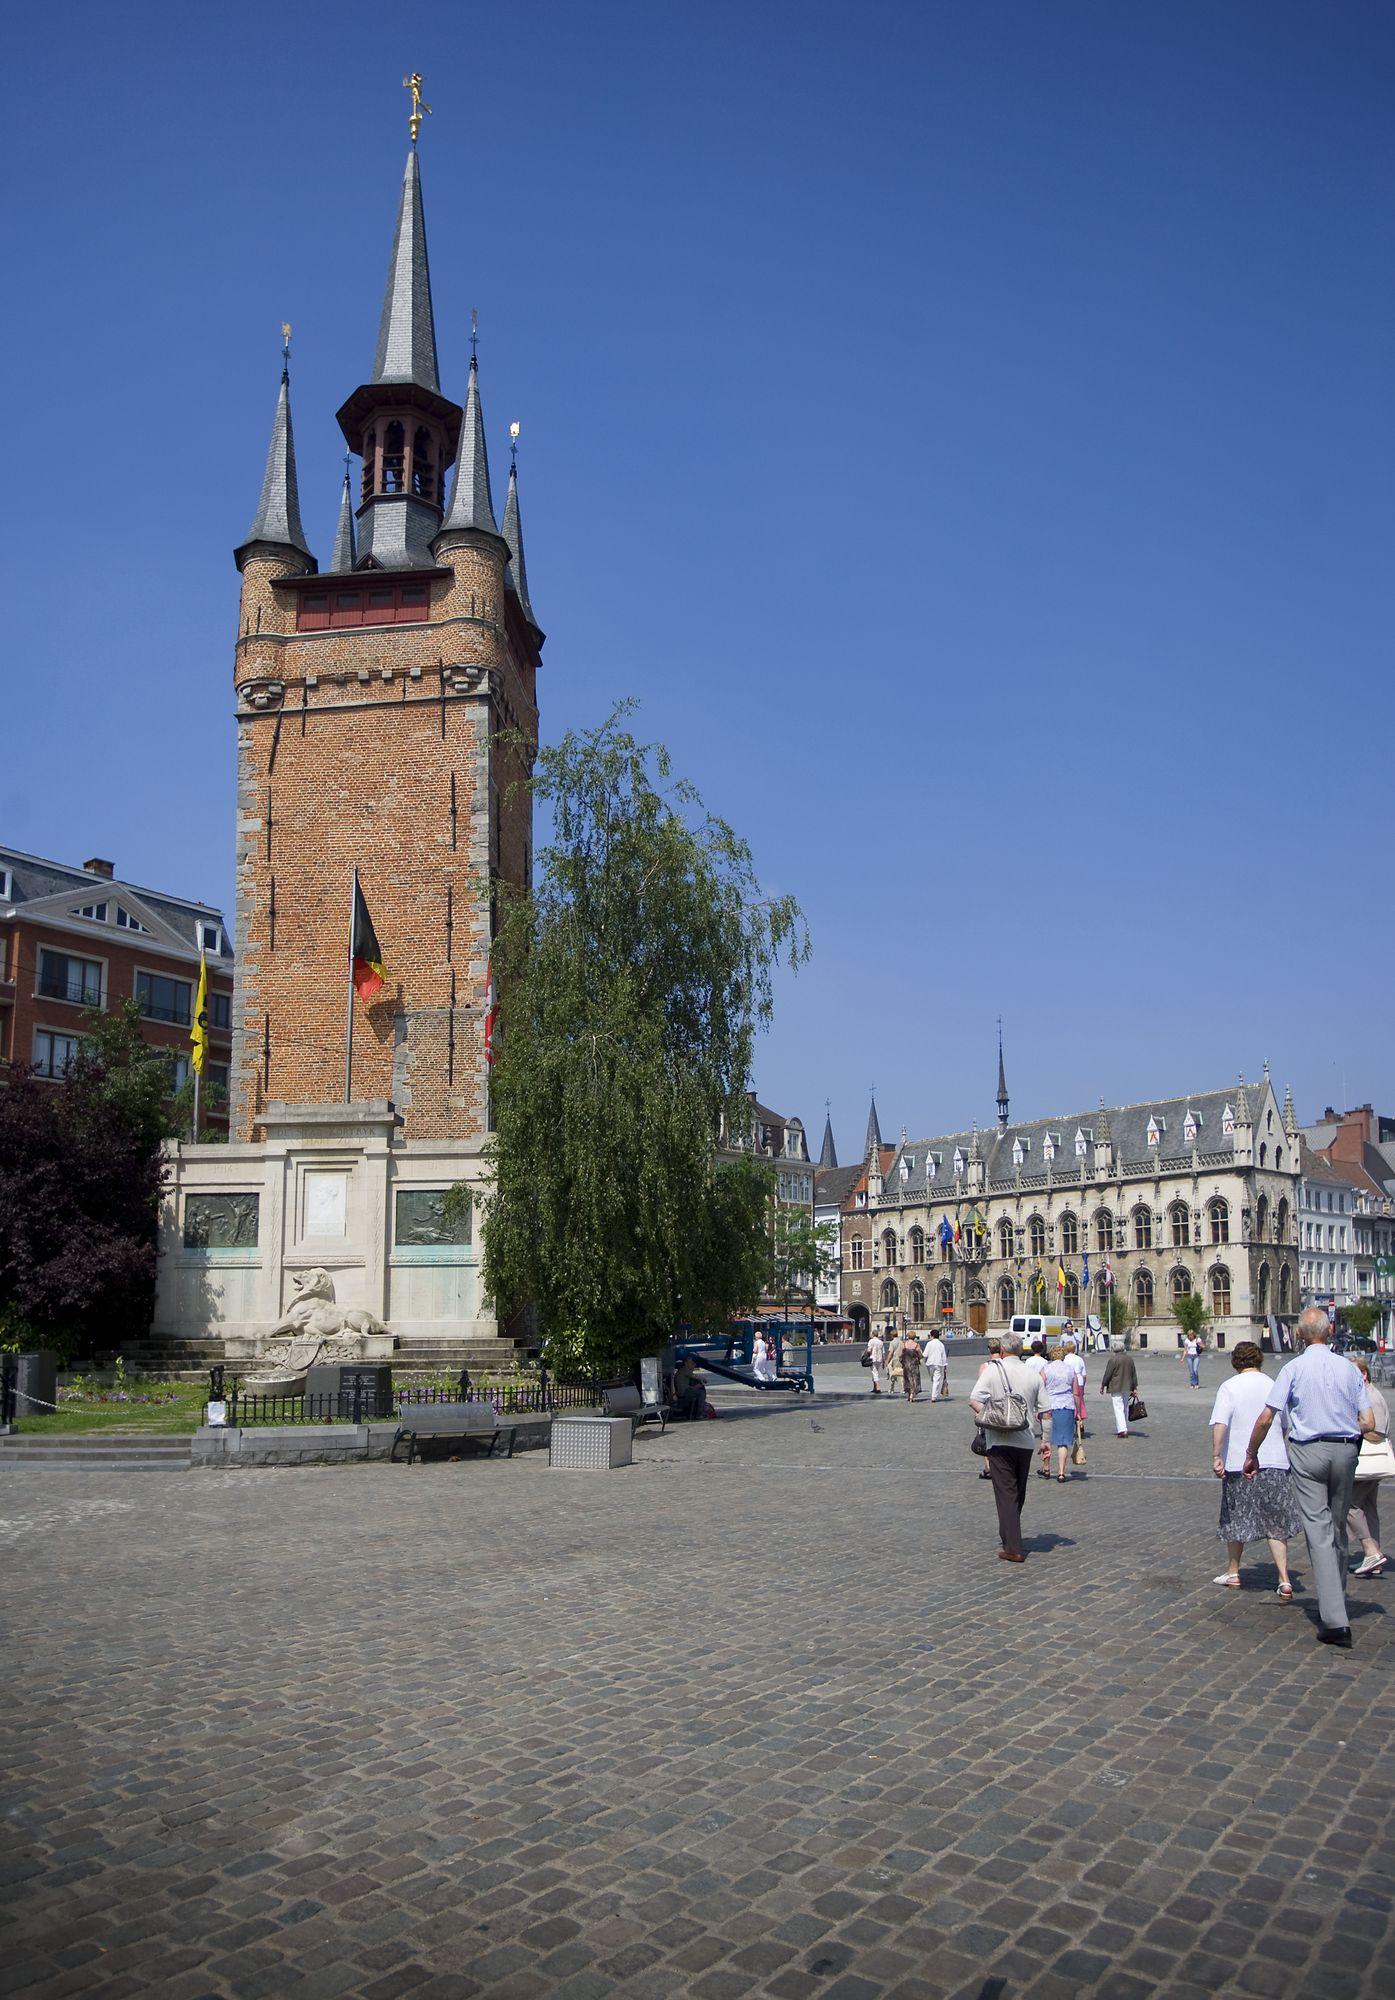 Gidsen in Kortrijk